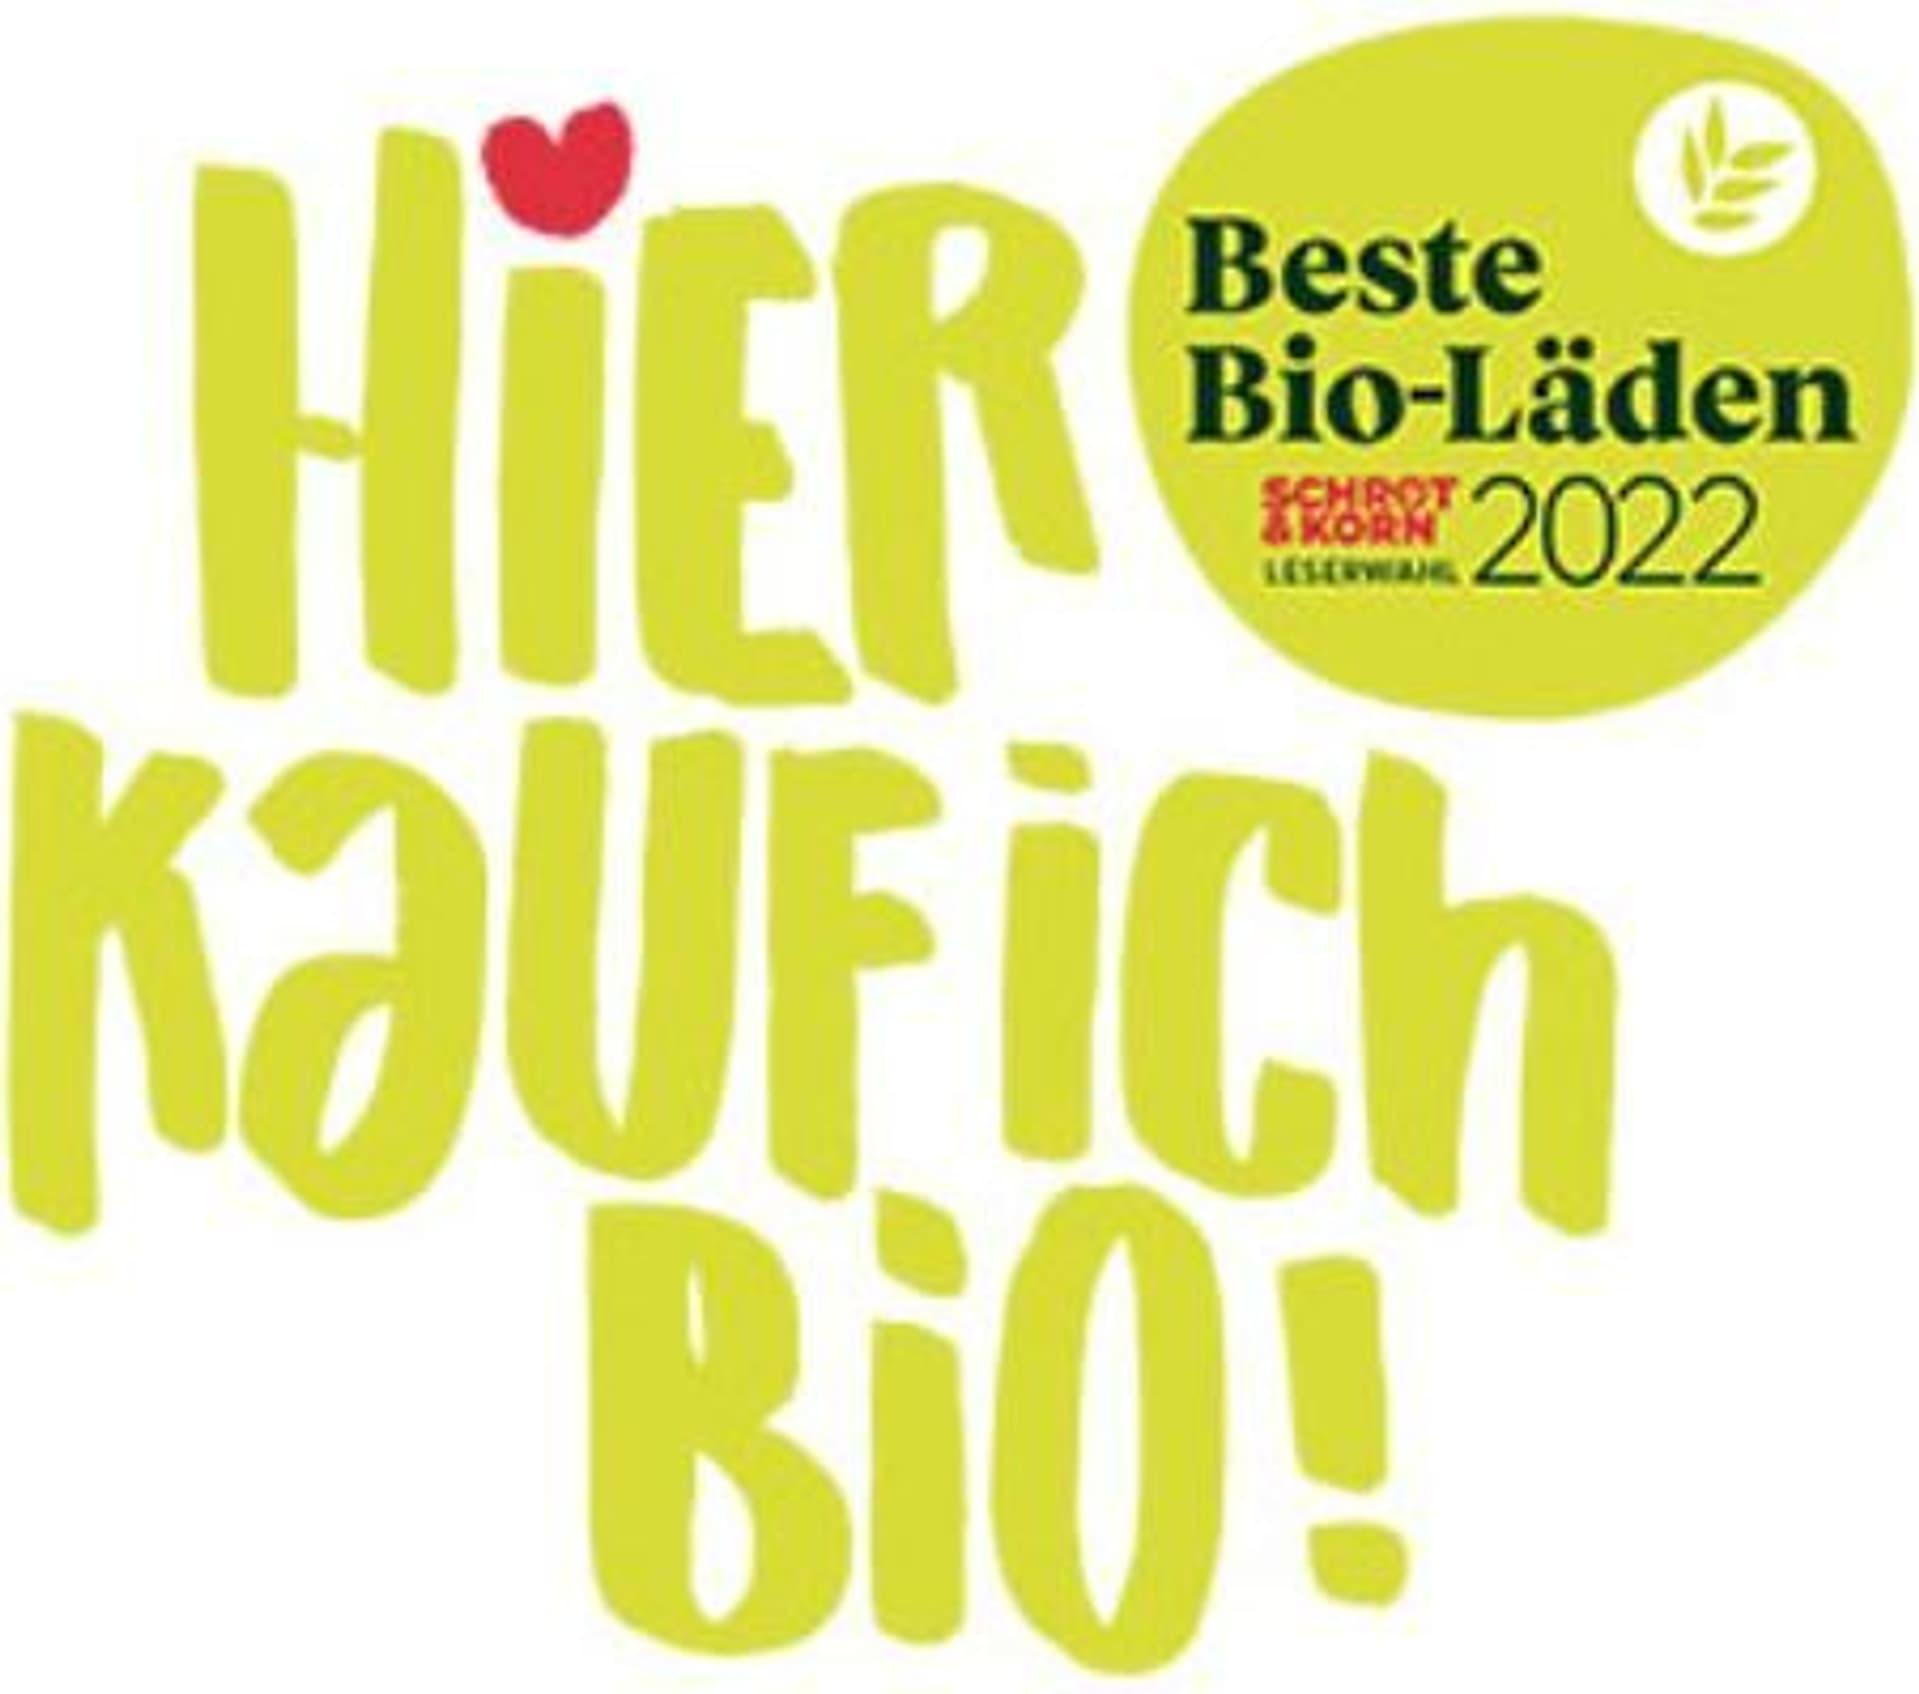 Hier kauf ich Bio, BBL, Beste Bio-Läden